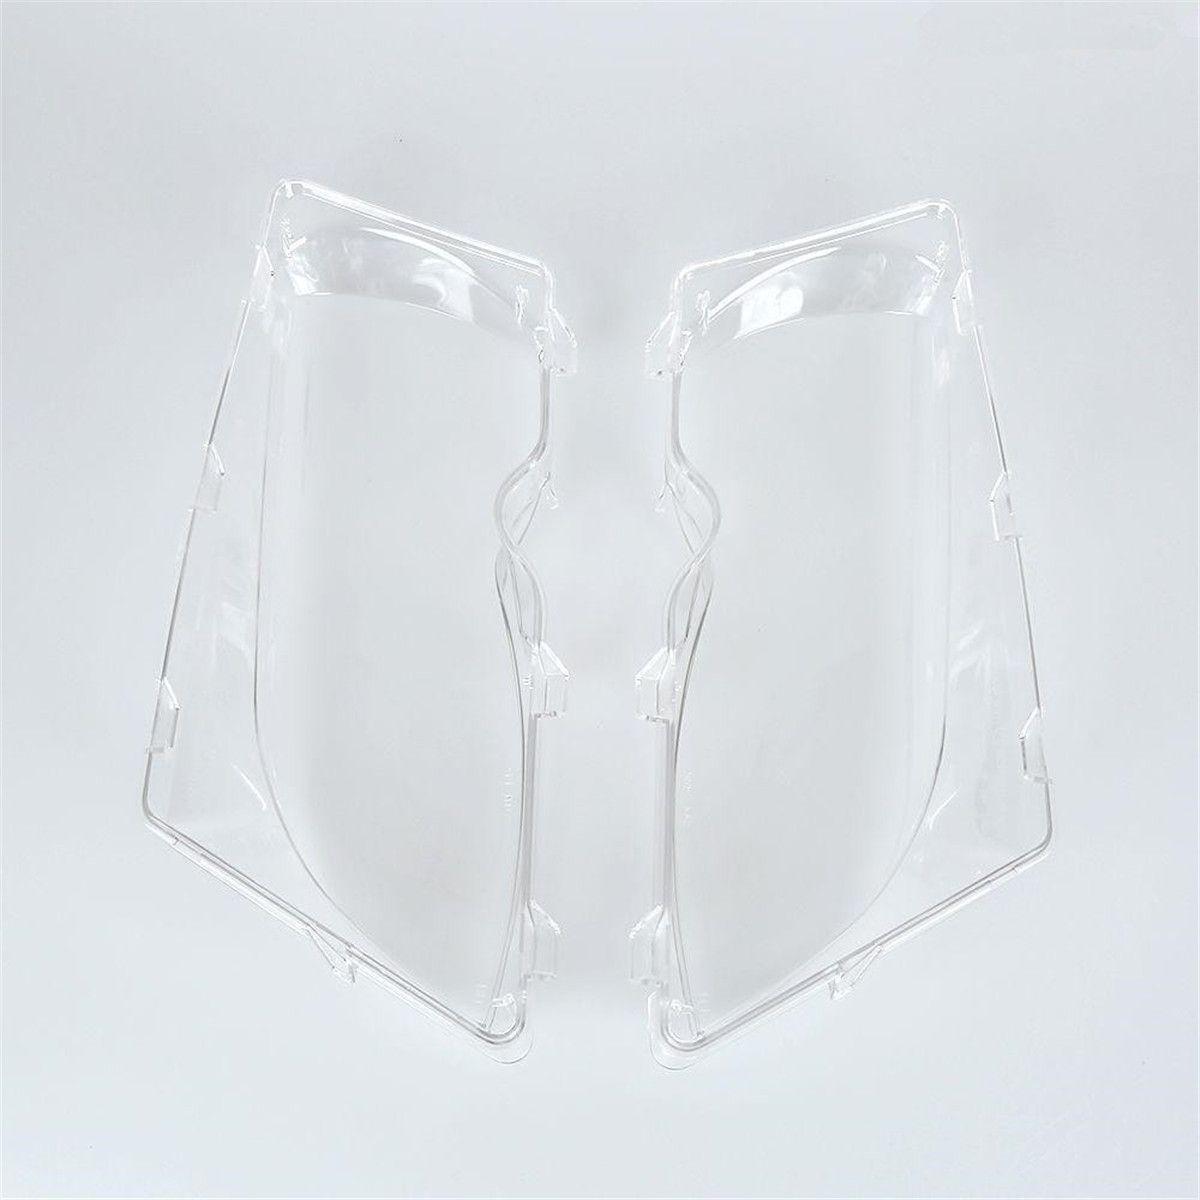 1Pir Auto Lichter Scheinwerfer Shell Lampe Abdeckung Glas für BMW E46 318i/320i/325i/325xi/330i /330xi (2002-2005) ersatz Objektiv